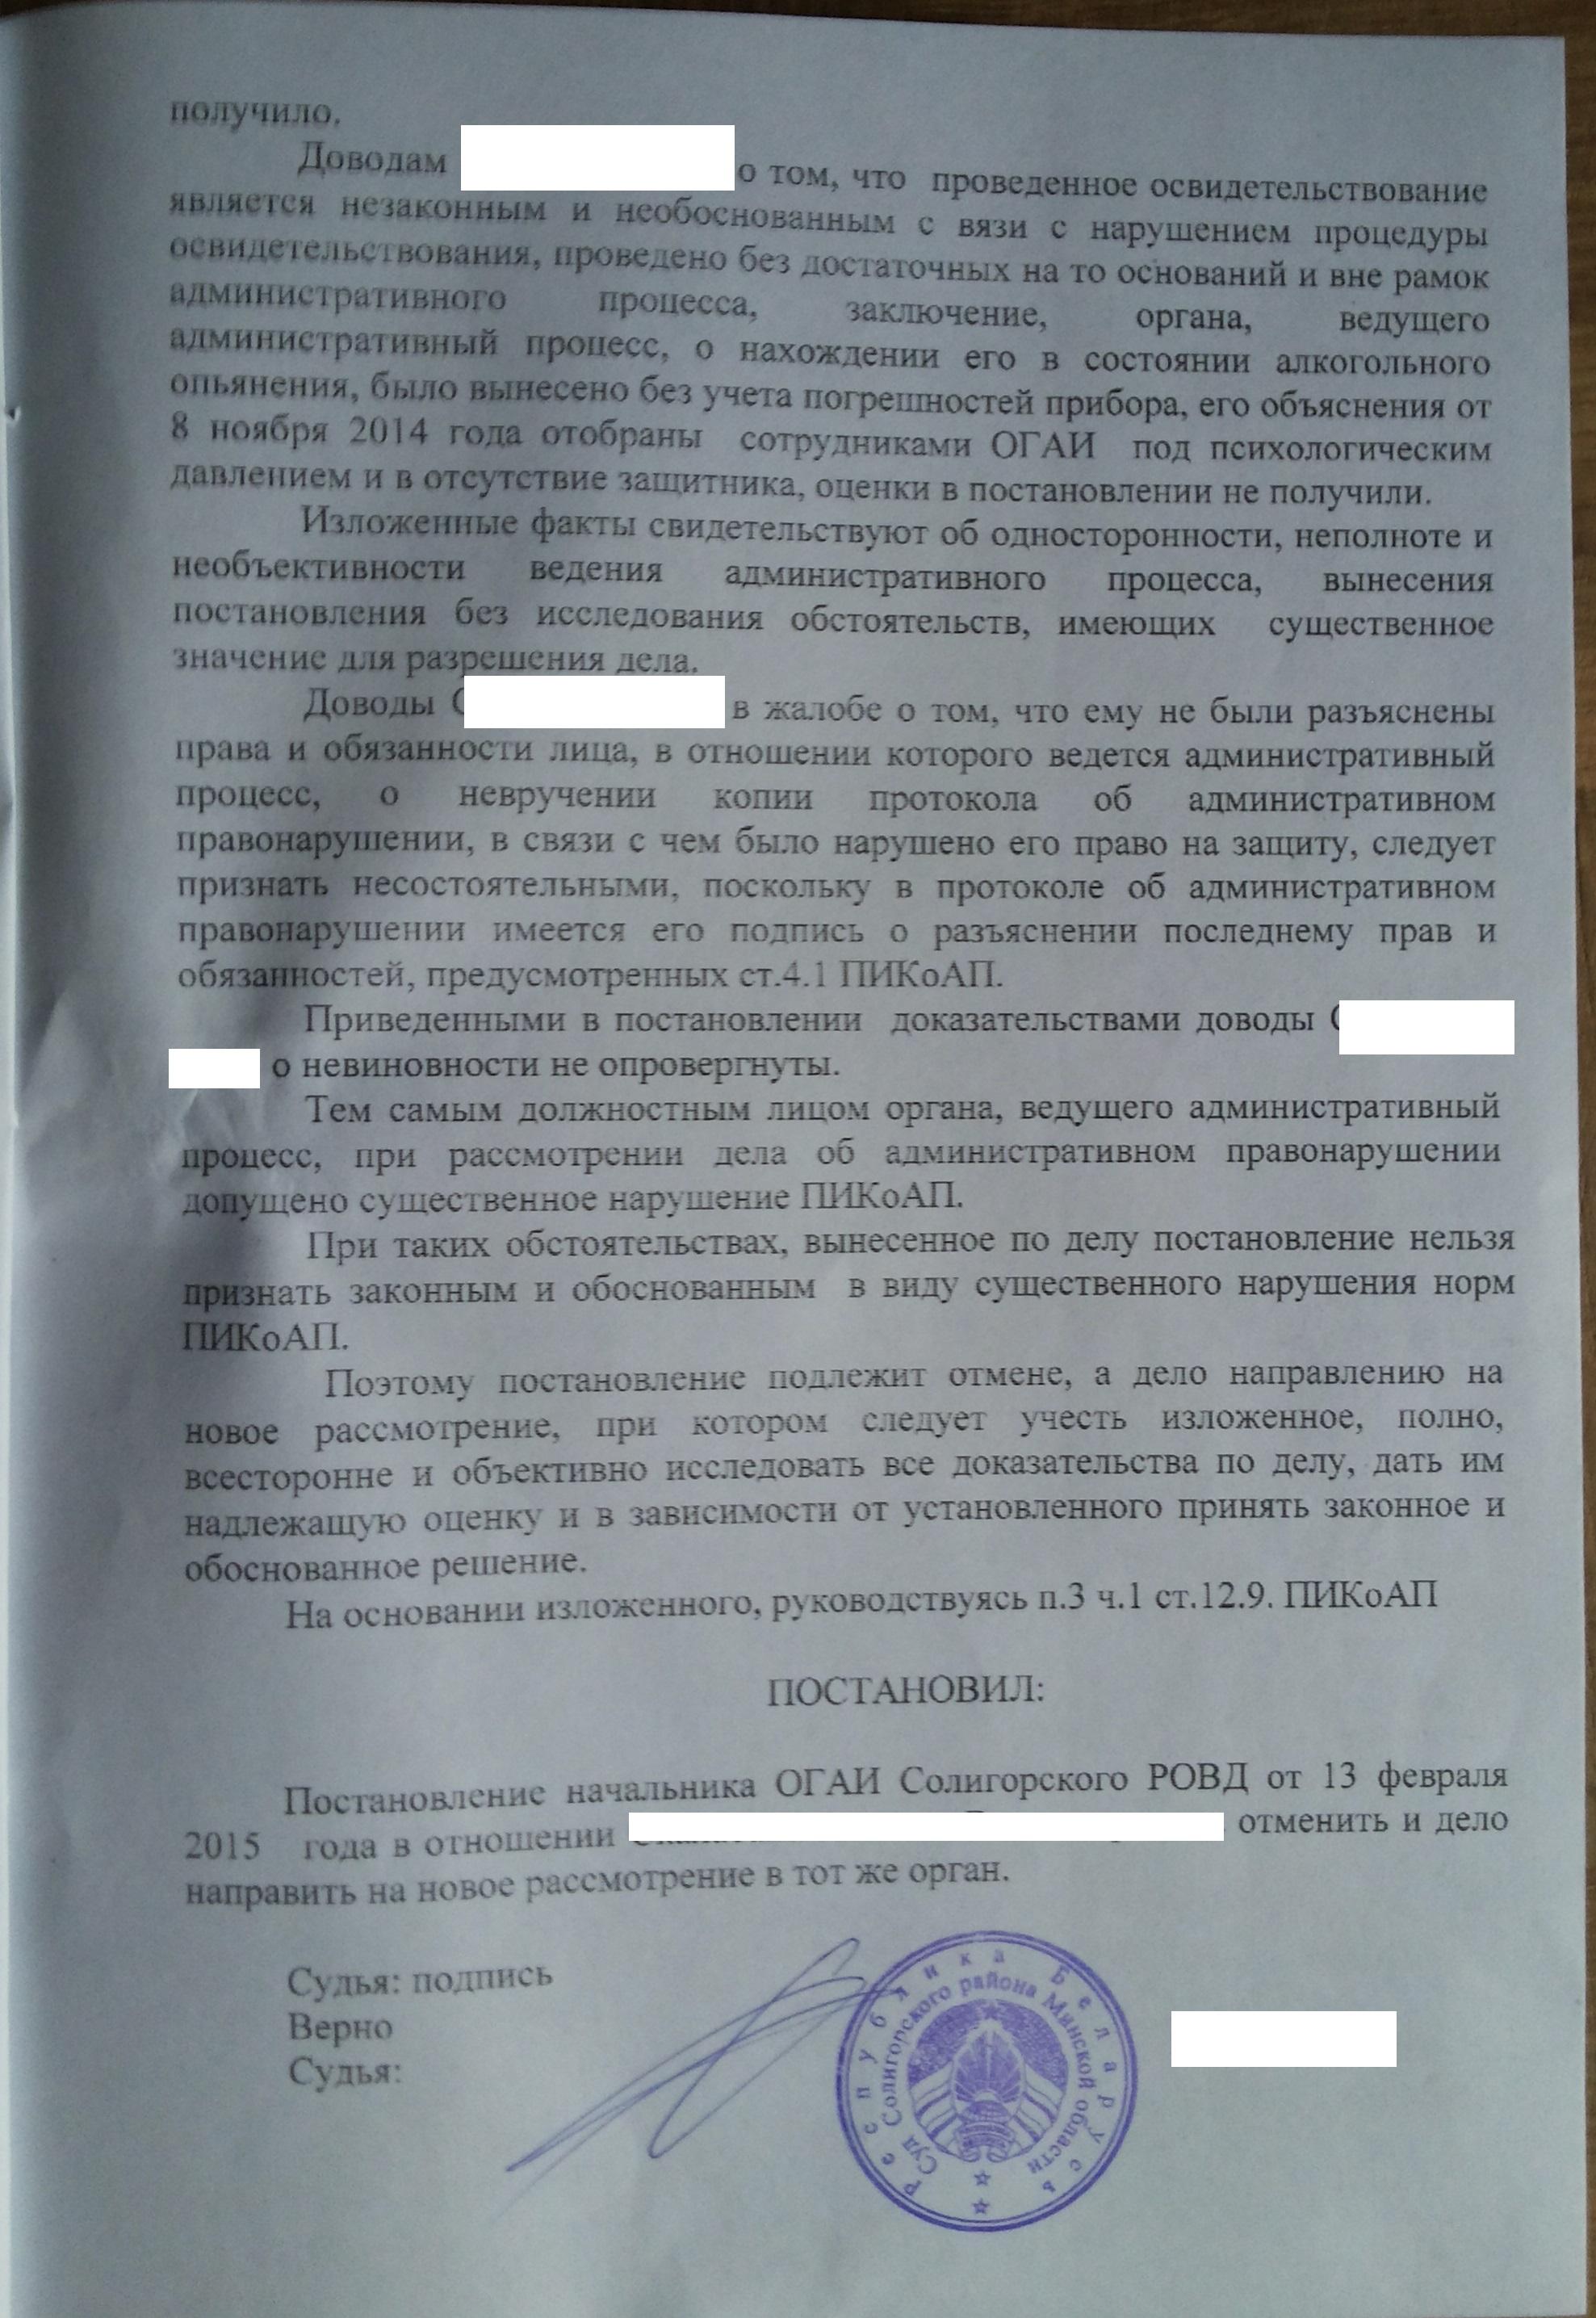 постановление суда Солигорского района по делу о пьянке (ст.18.15 КоАП), (ст.18.16 КоАП в старой редакции)